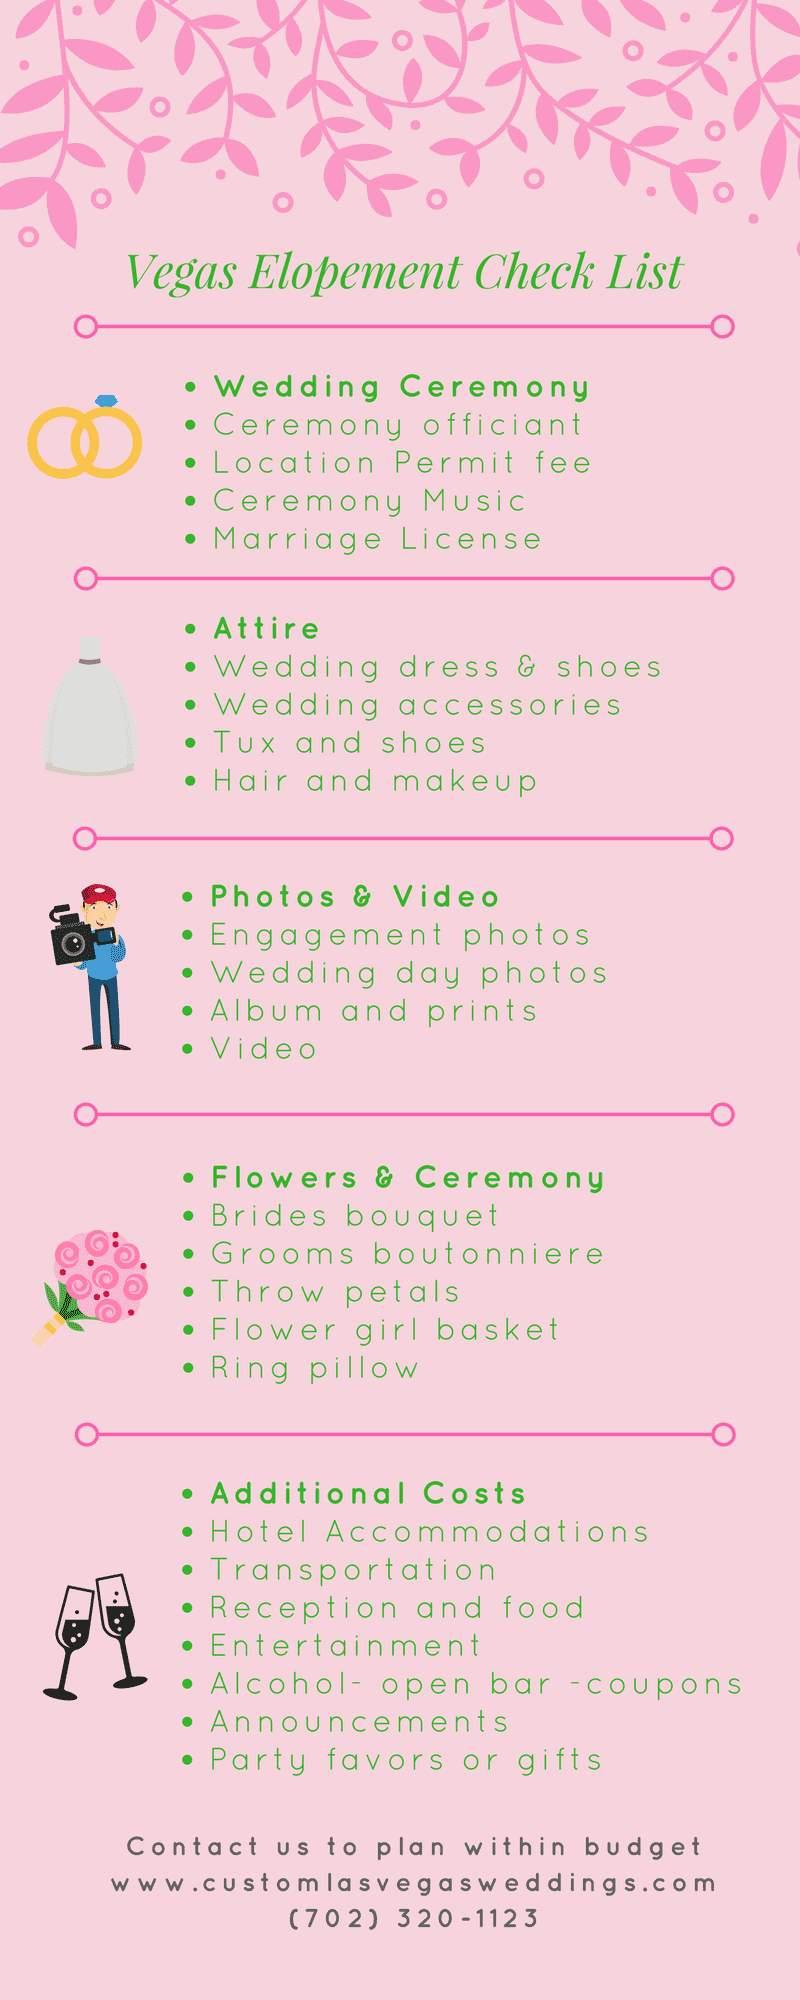 Vegas Wedding Budget Checklist - Event Planning